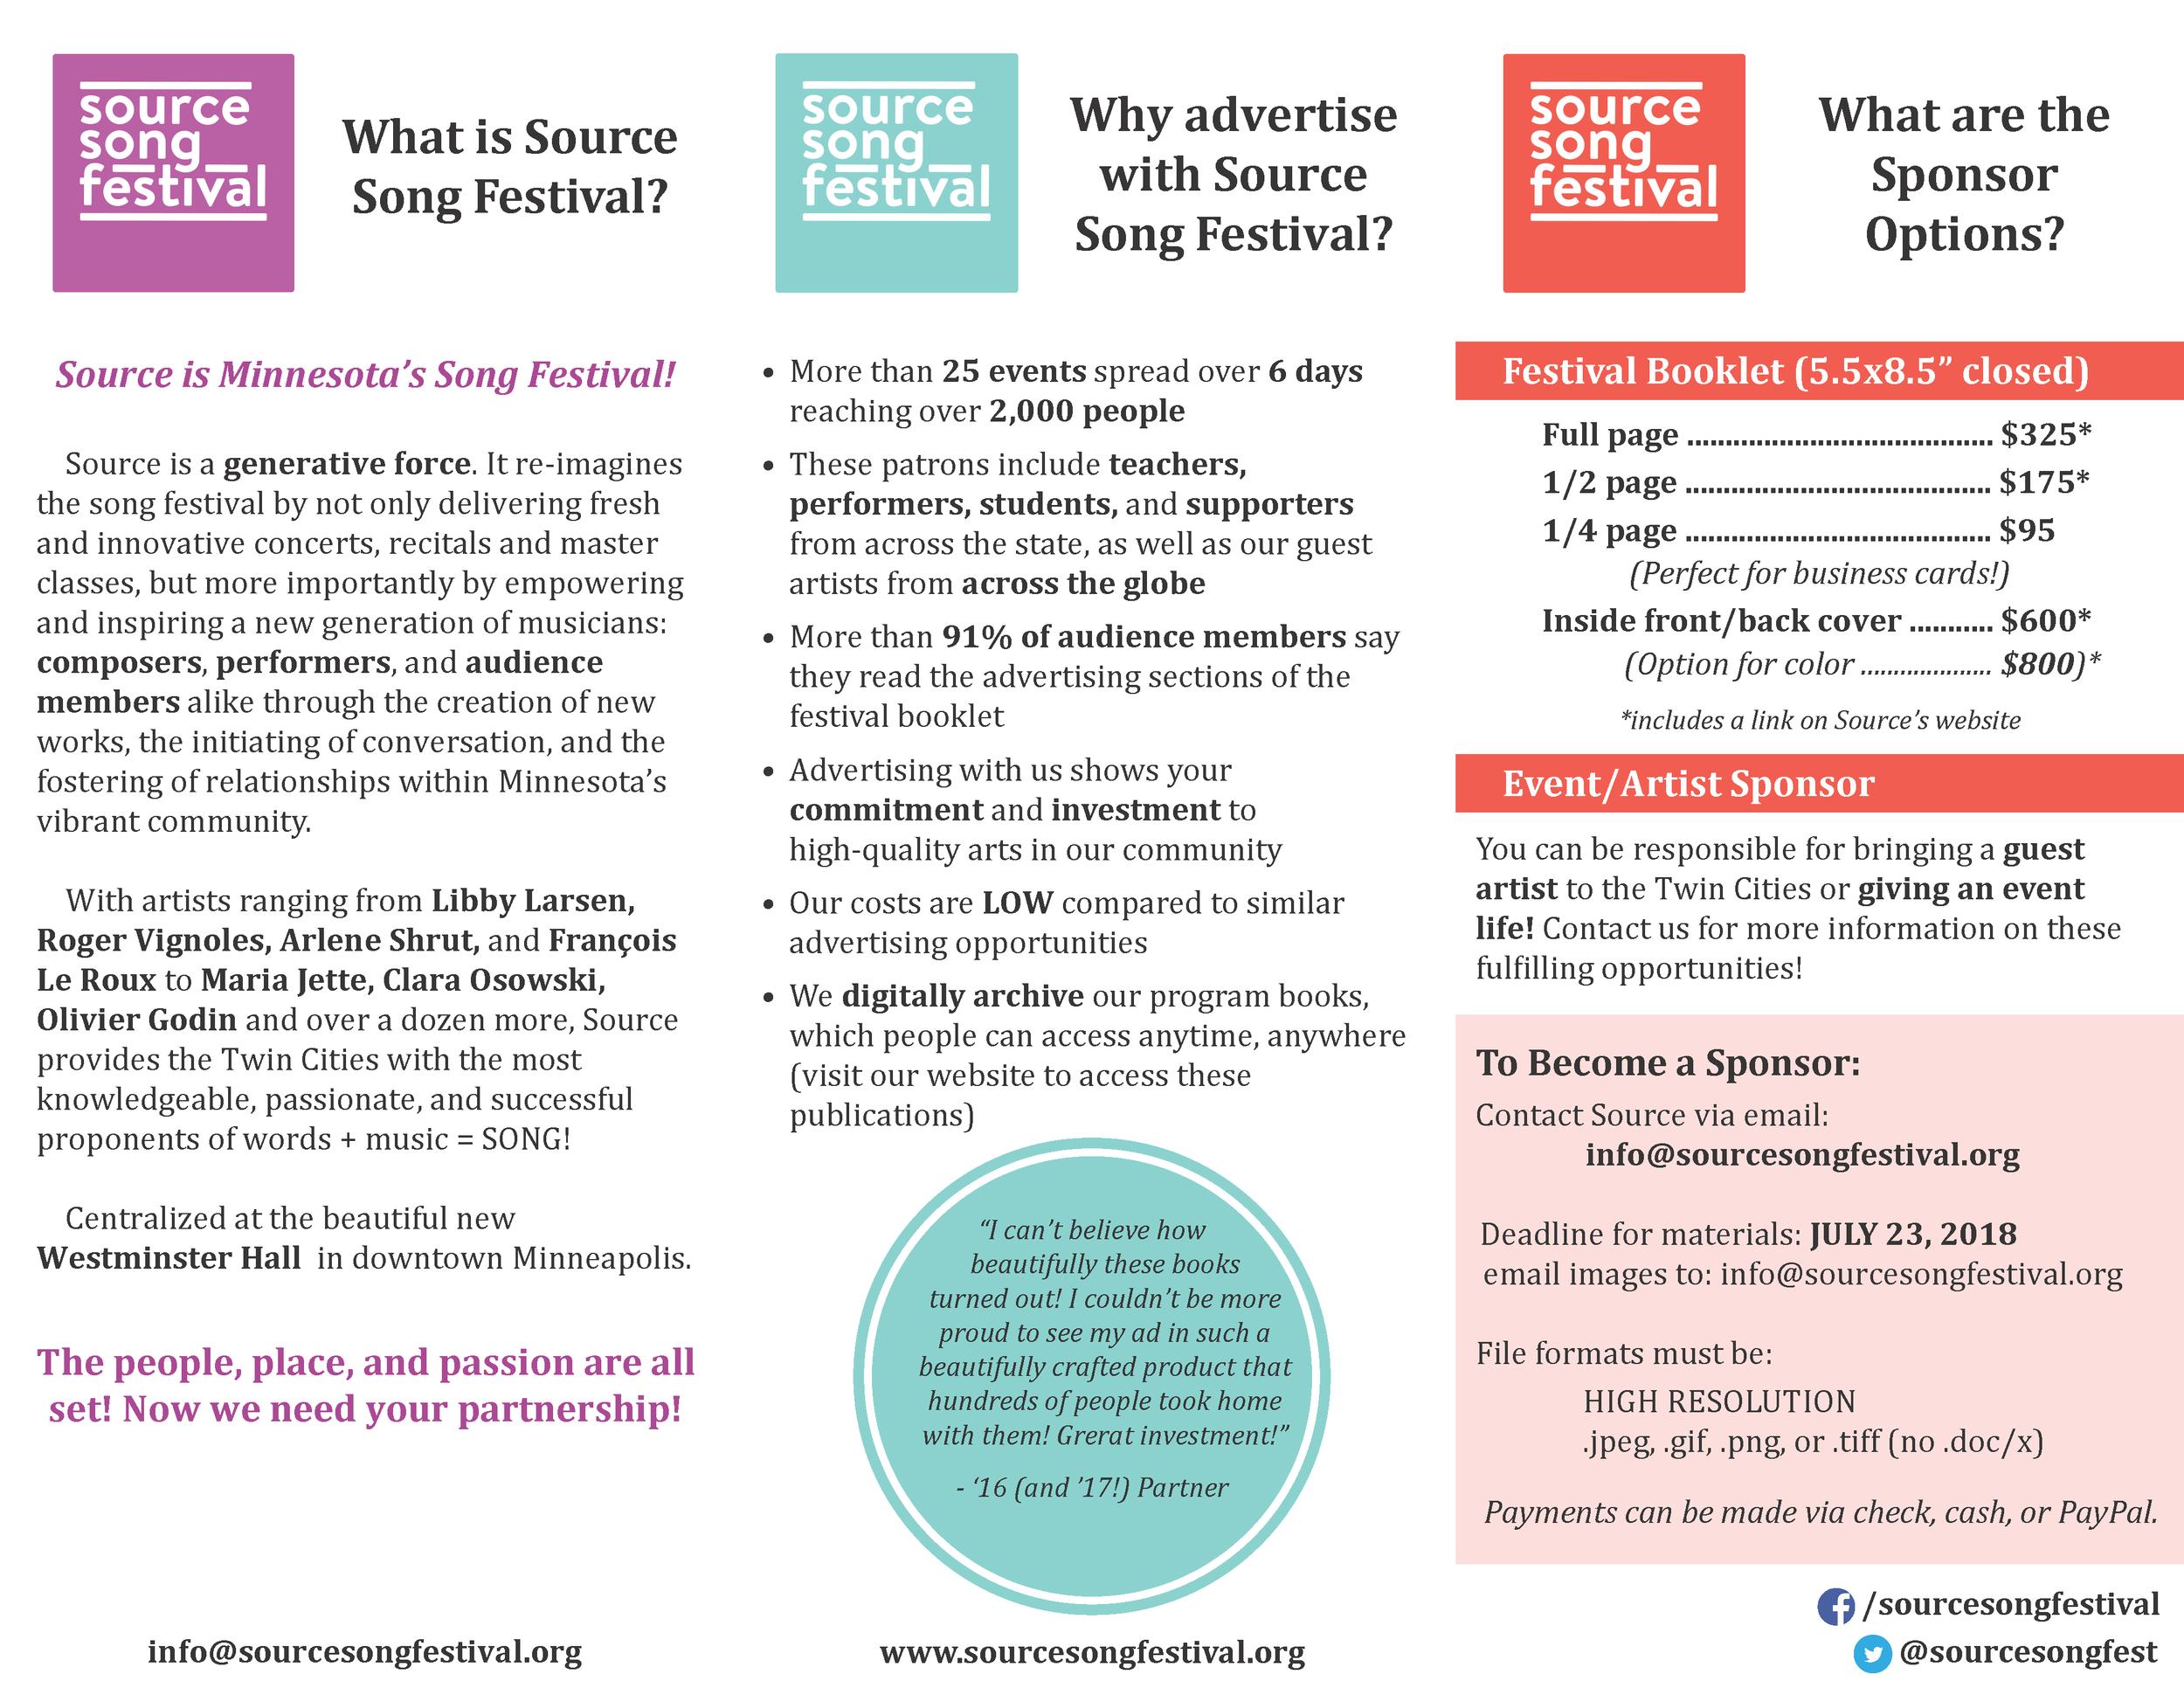 Source Sponsorship Through Advertising 2018_Page_1.png